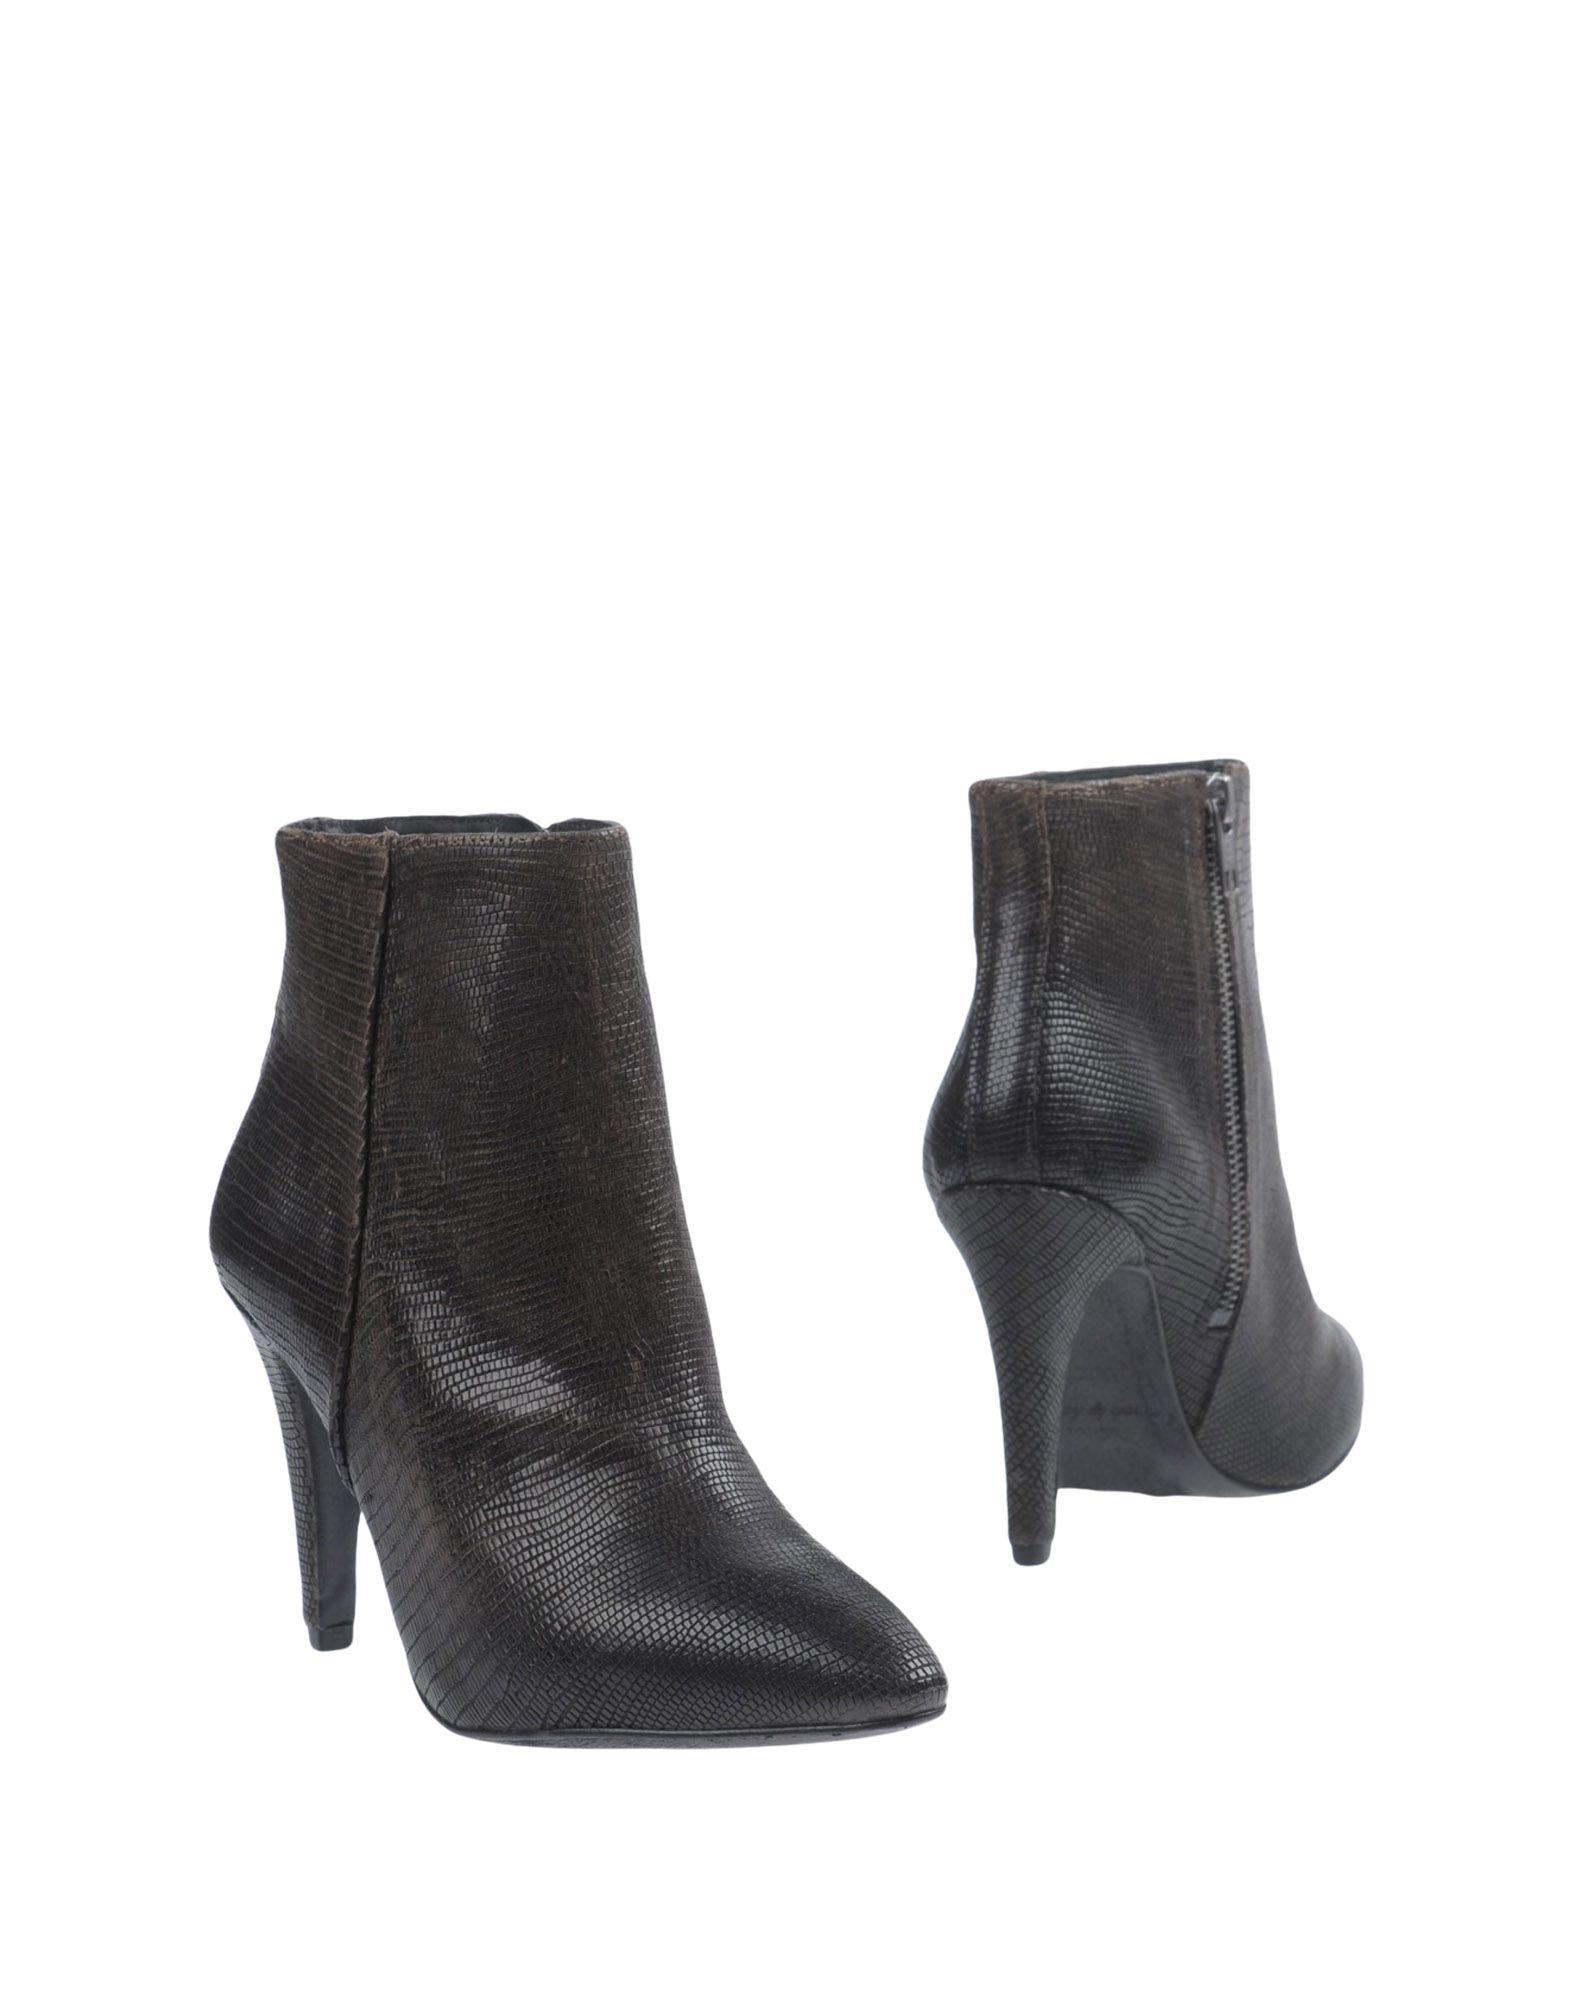 Gut um billige Stiefelette Schuhe zu tragenN.D.C. Made By Hand Stiefelette billige Damen  11390227QS db0163